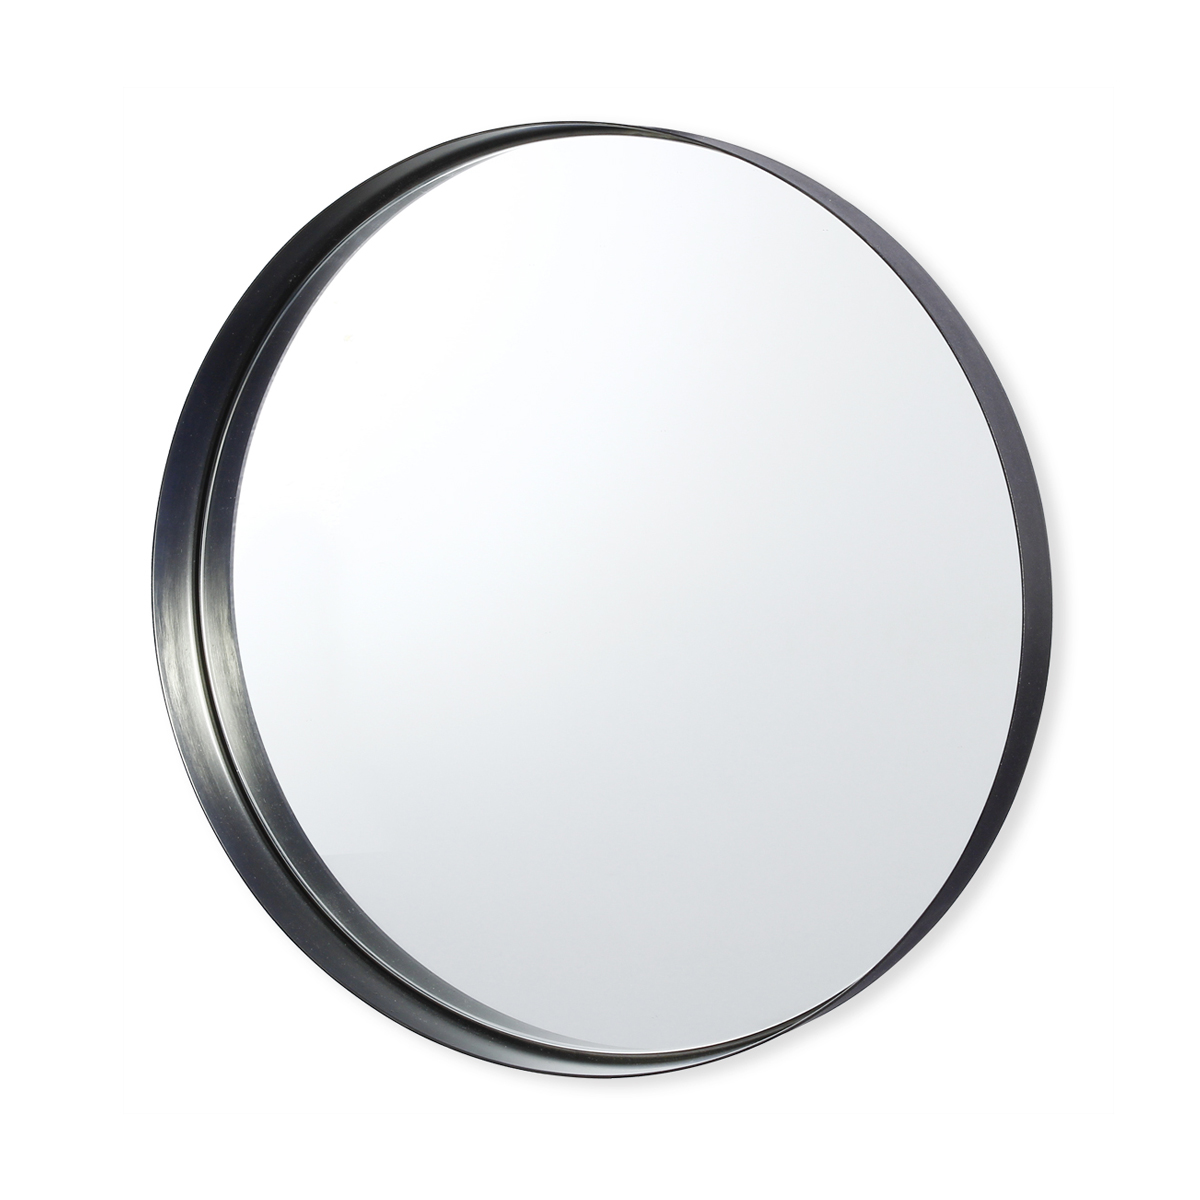 Miroir rond en m tal gris 31cm bruno evrard for Miroir rond gris